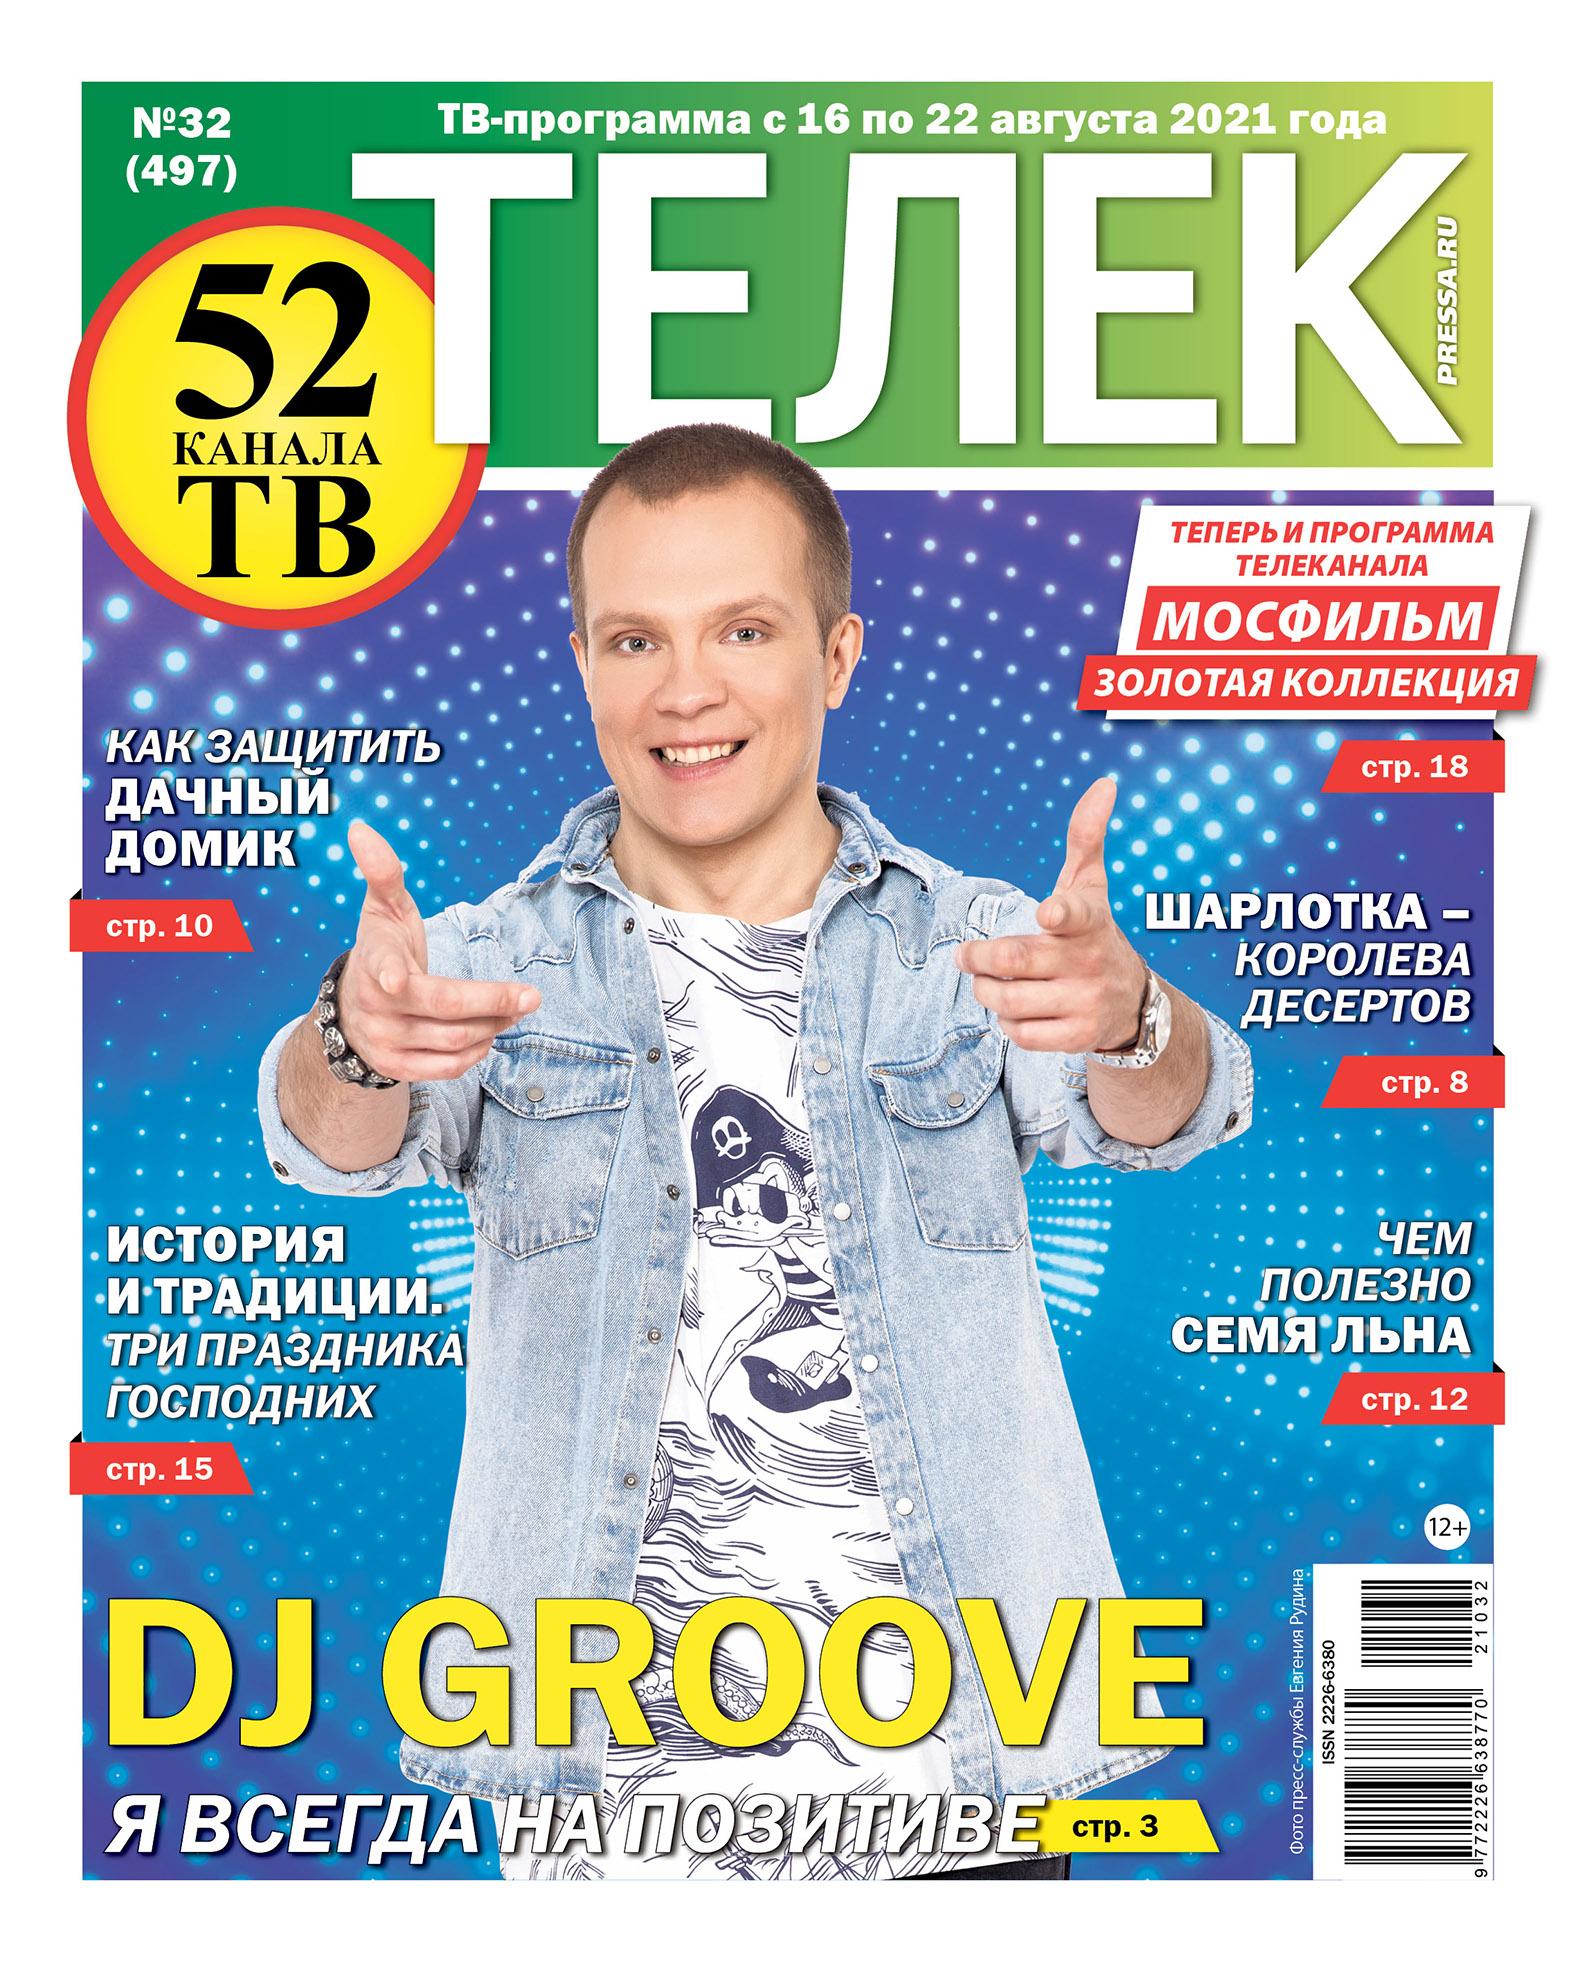 №32 (497) DJ GROOVE